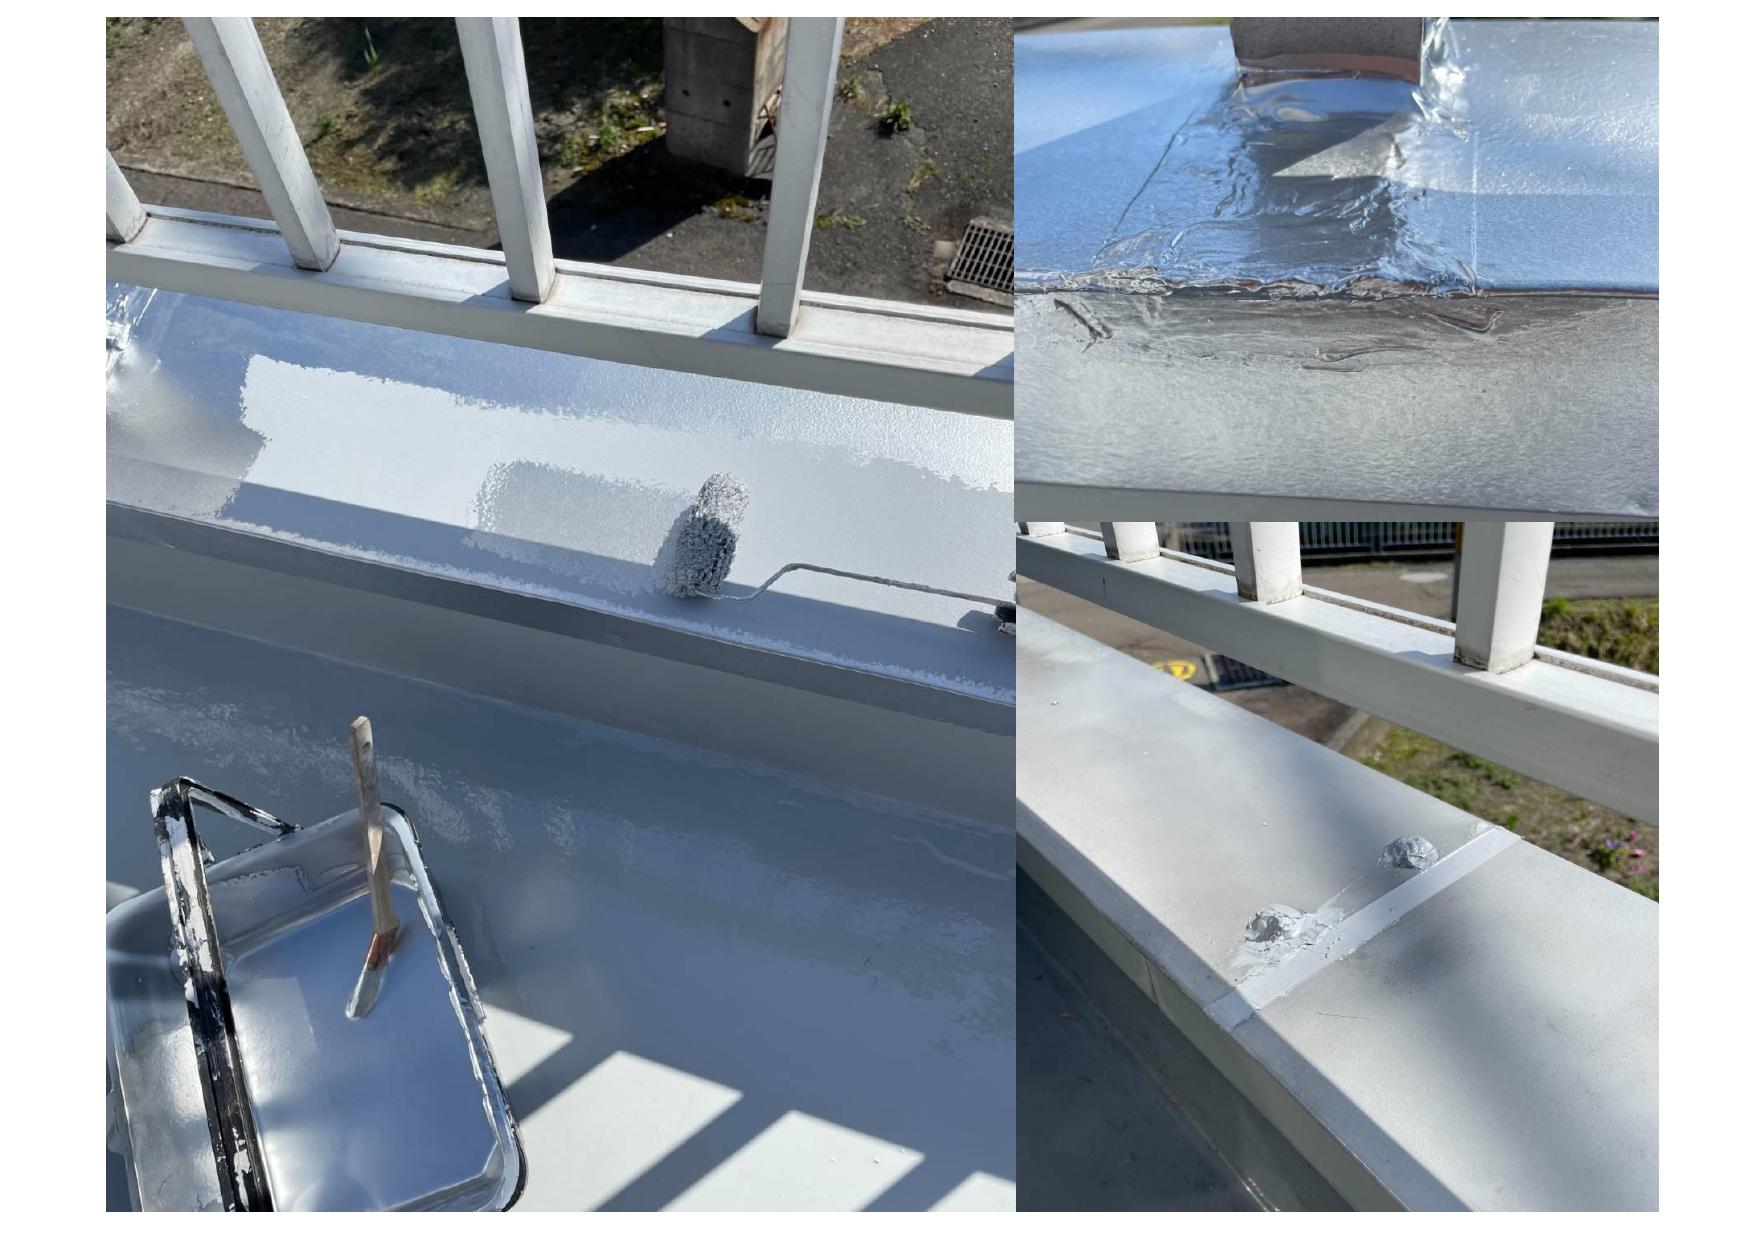 ウレタンプライマー施工でひび割れを補修、コーキング打替え、笠木塗装